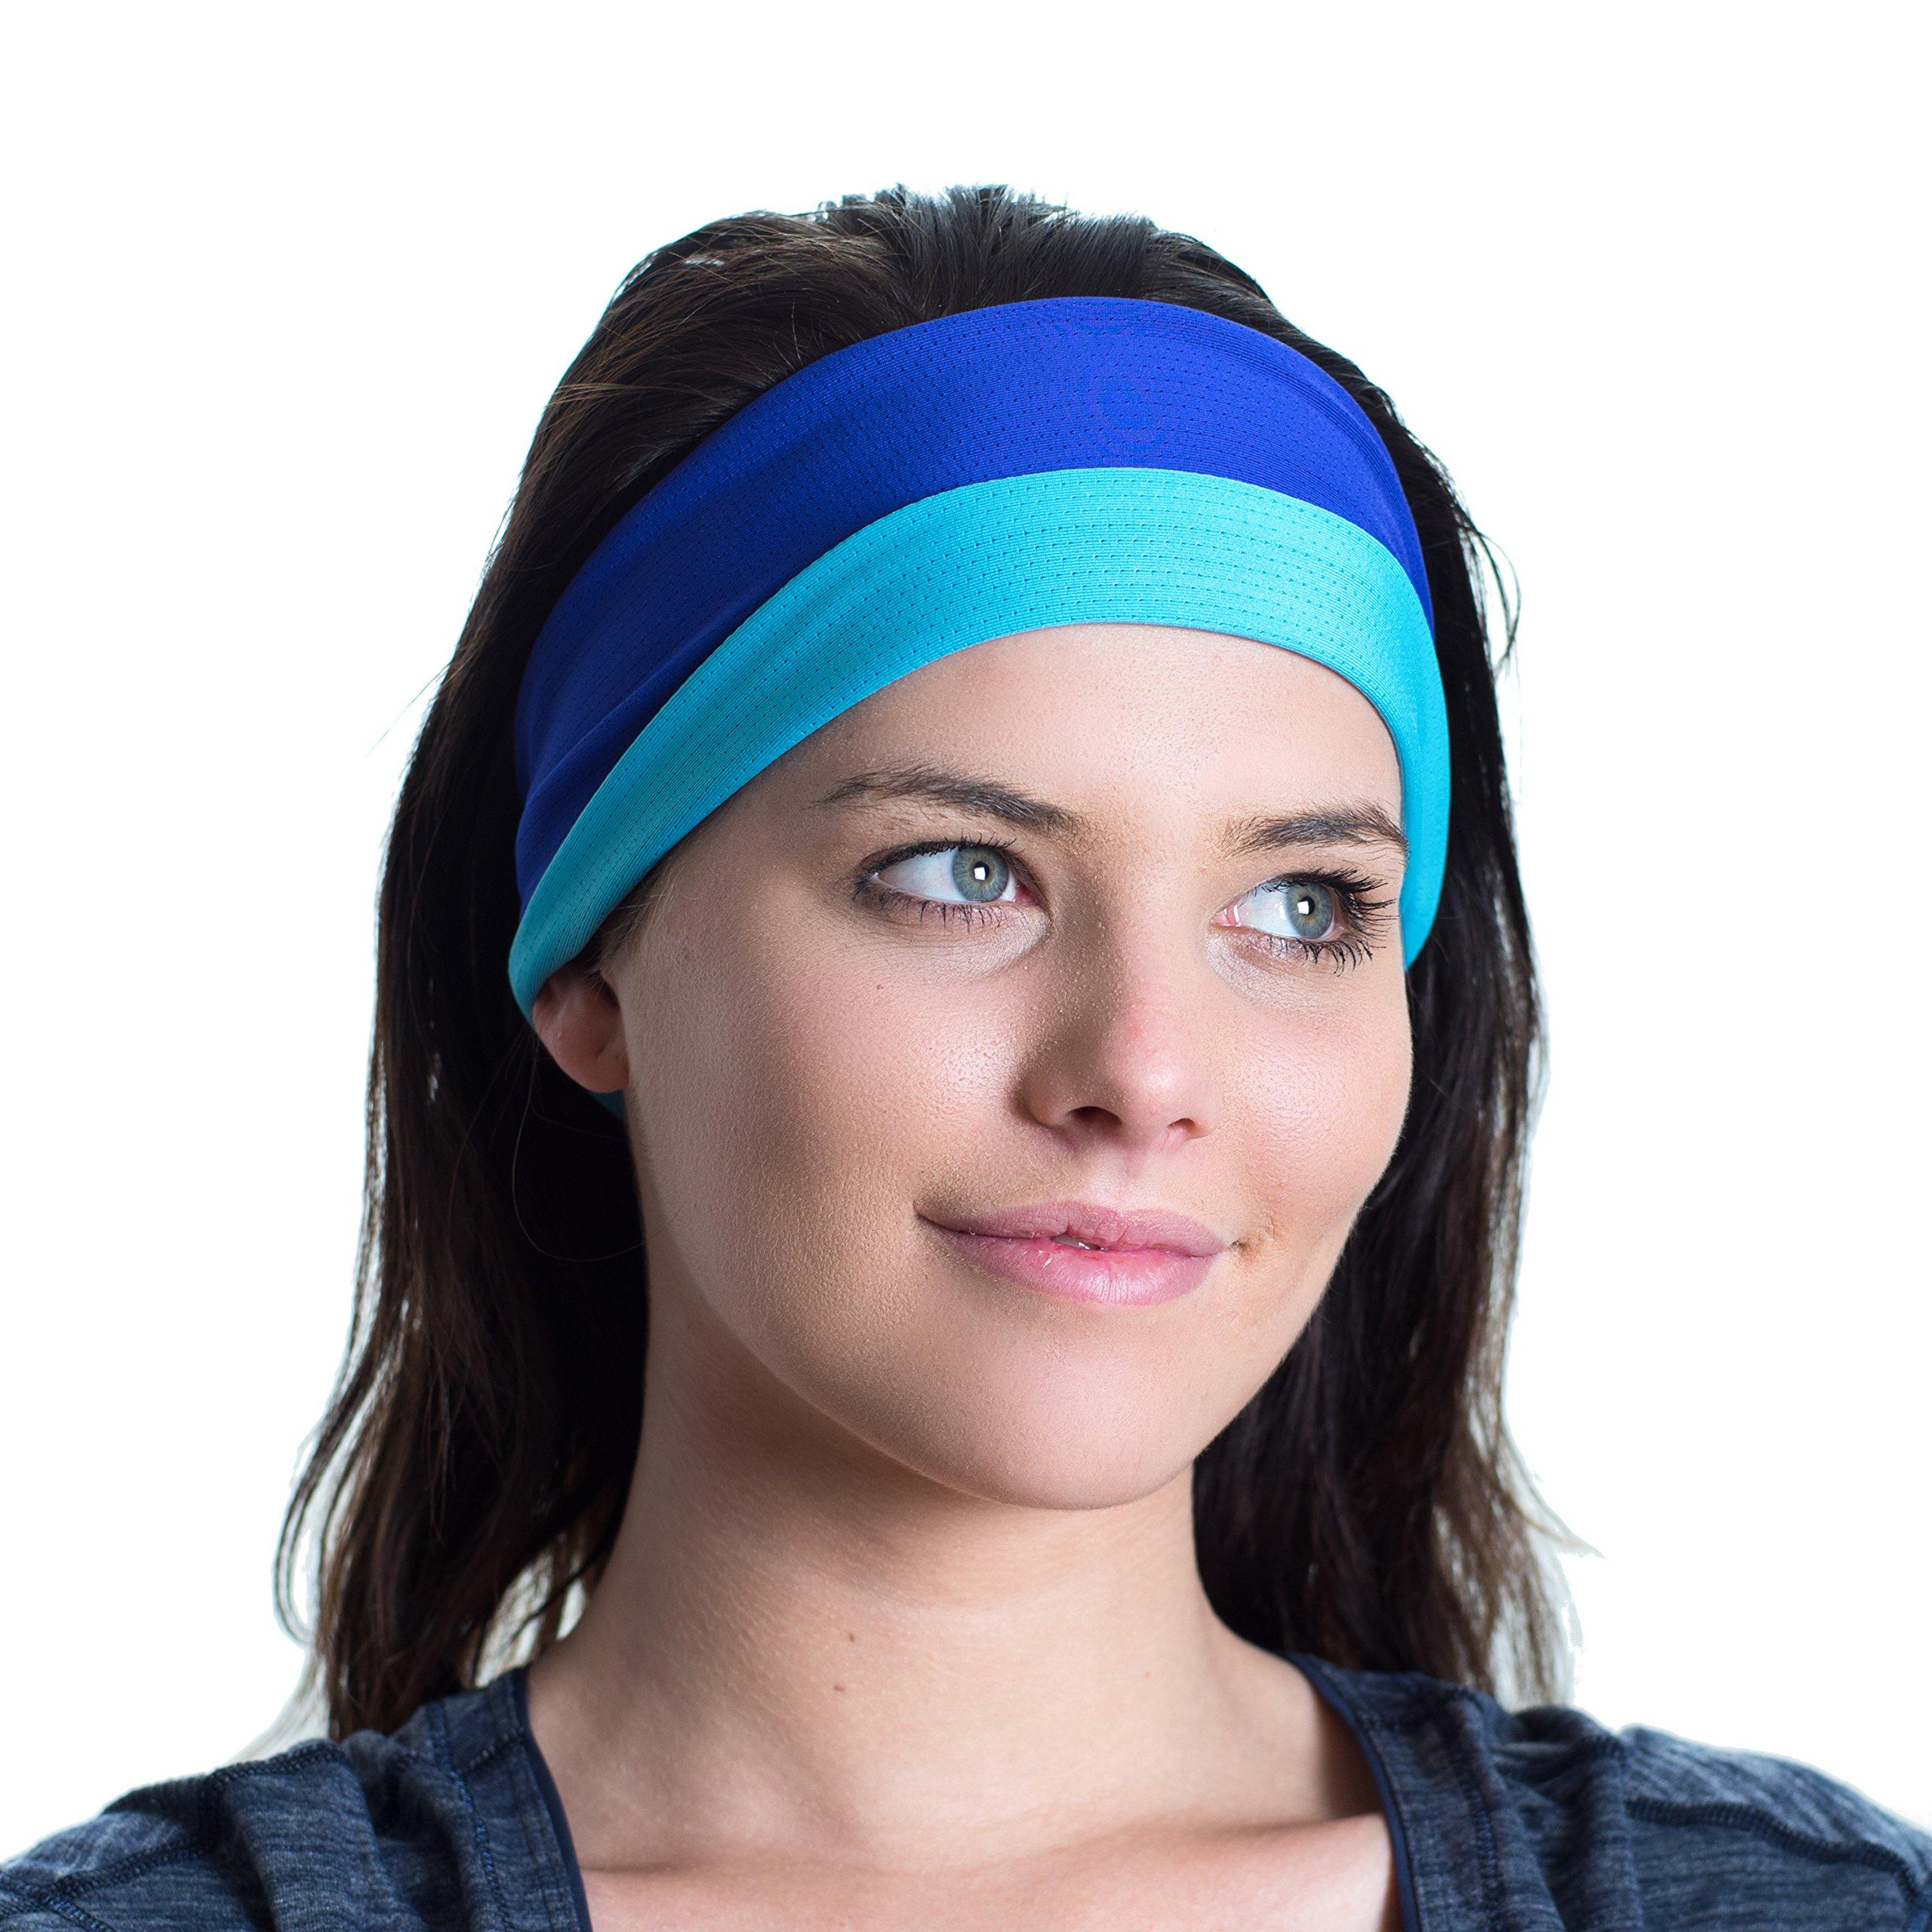 Sport-Stirnband, doppelseitig, feuchtigkeitsableitend, Rutschfest – Fitness-Schweißband – Ideal fürs Fitnesstraining, Joggen, Tennis, Sport, Yoga & mehr – perfekt für aktive Frauen